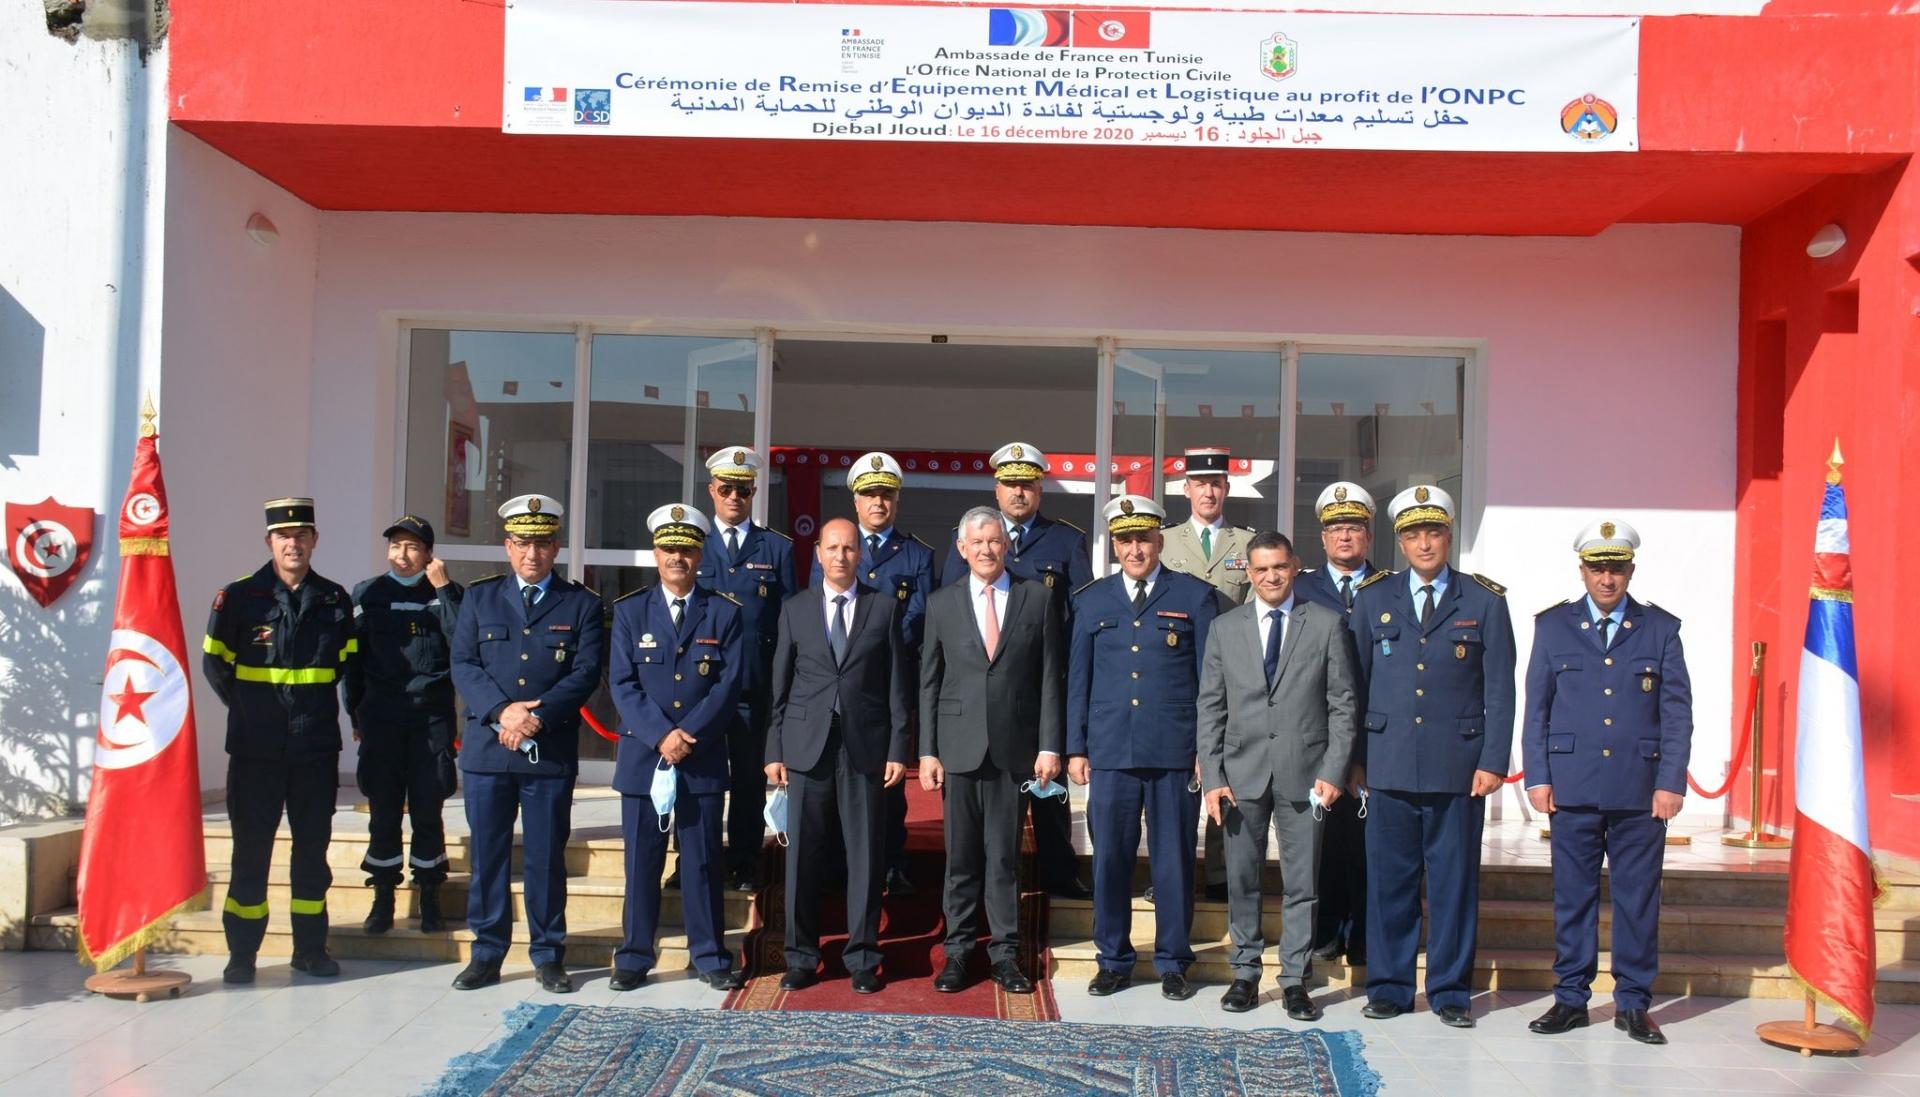 Une cérémonie de remise d'équipement médical et logistique au profit de l'ONPC